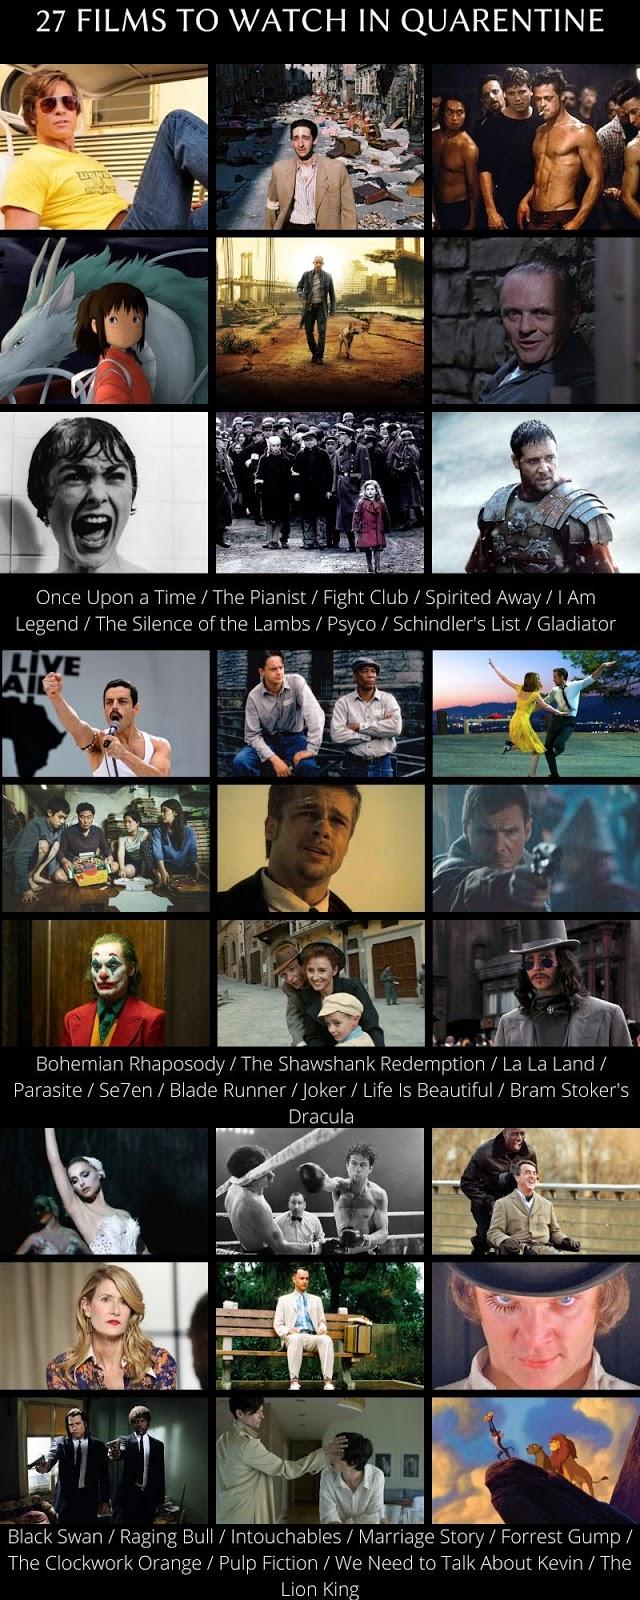 27 Filmes Para Ver em Quarentena